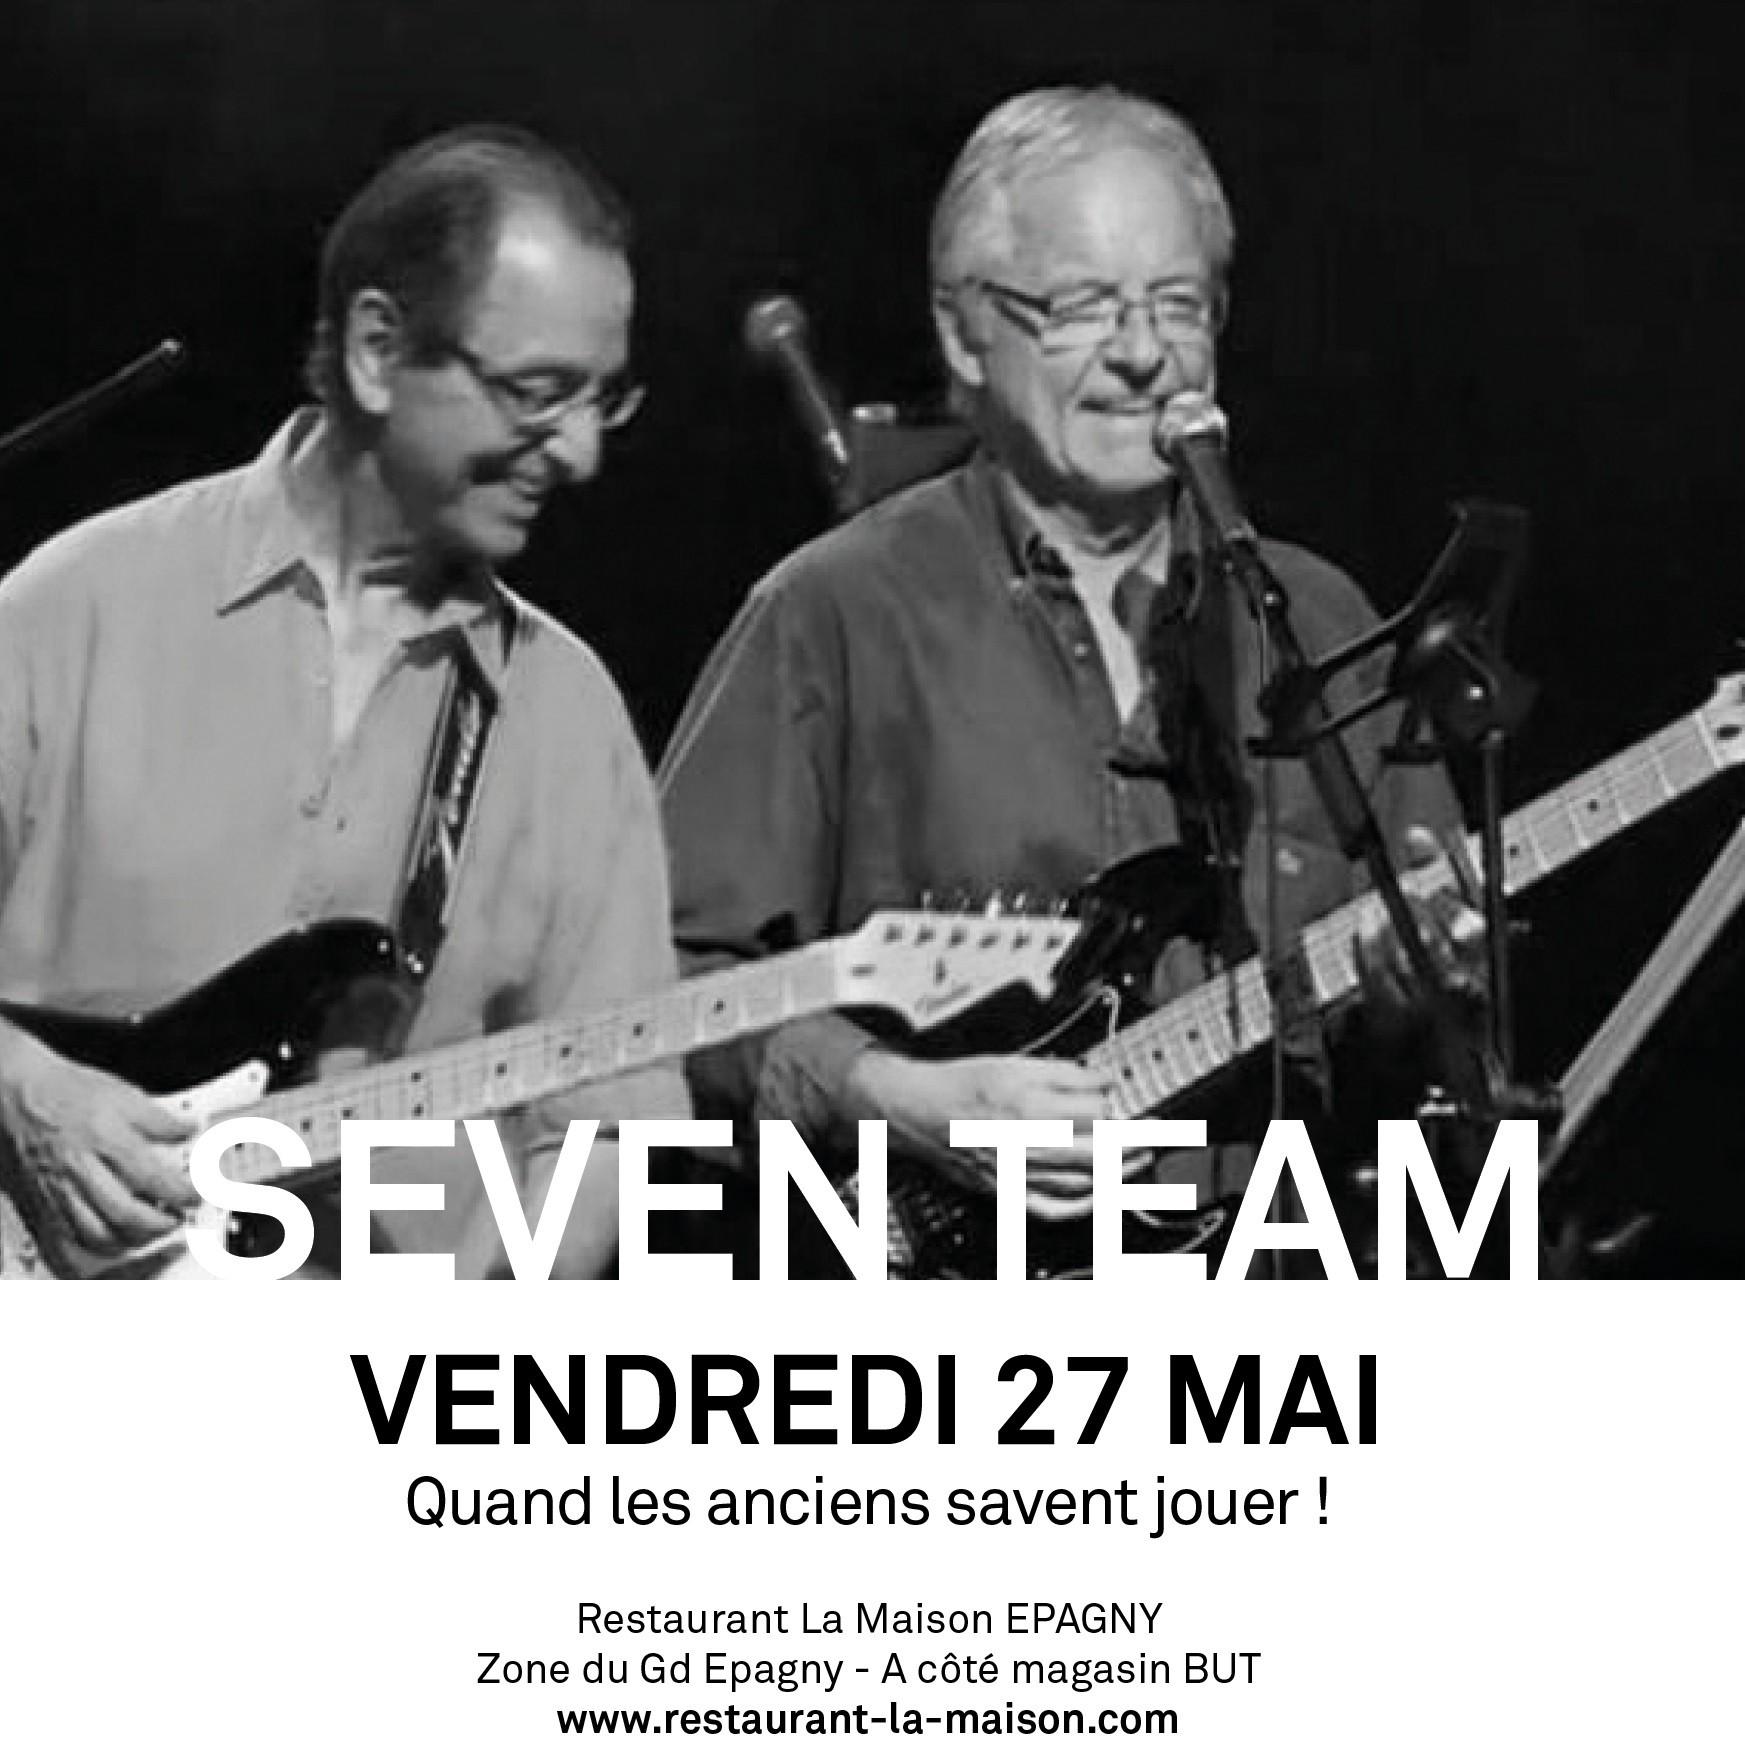 Concert de Seven Team